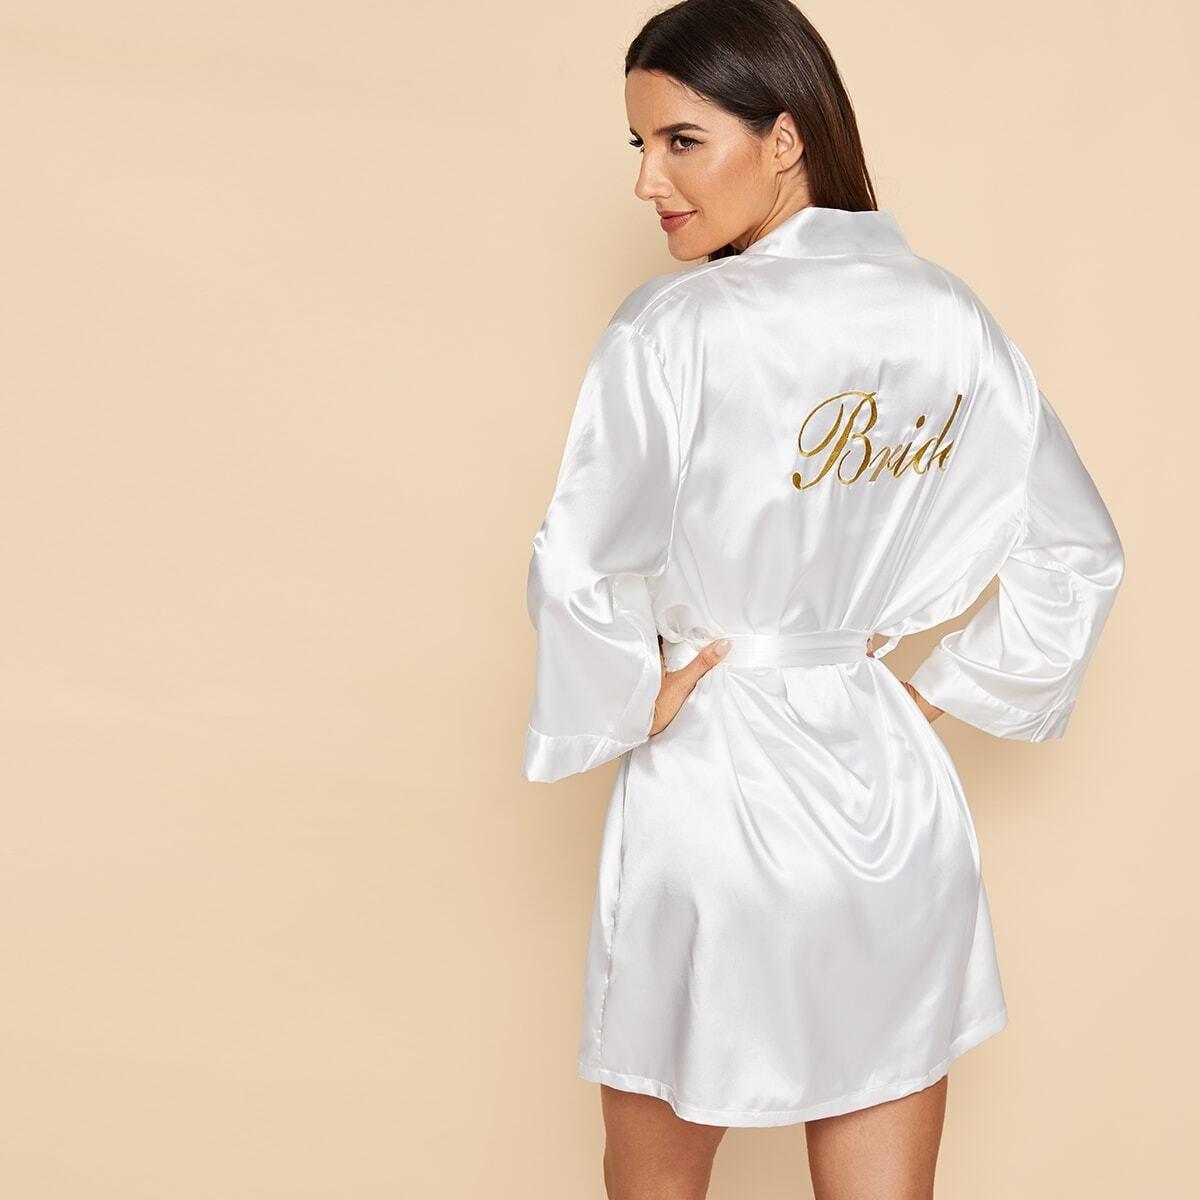 Атласный халат с поясом и текстовой вышивкой